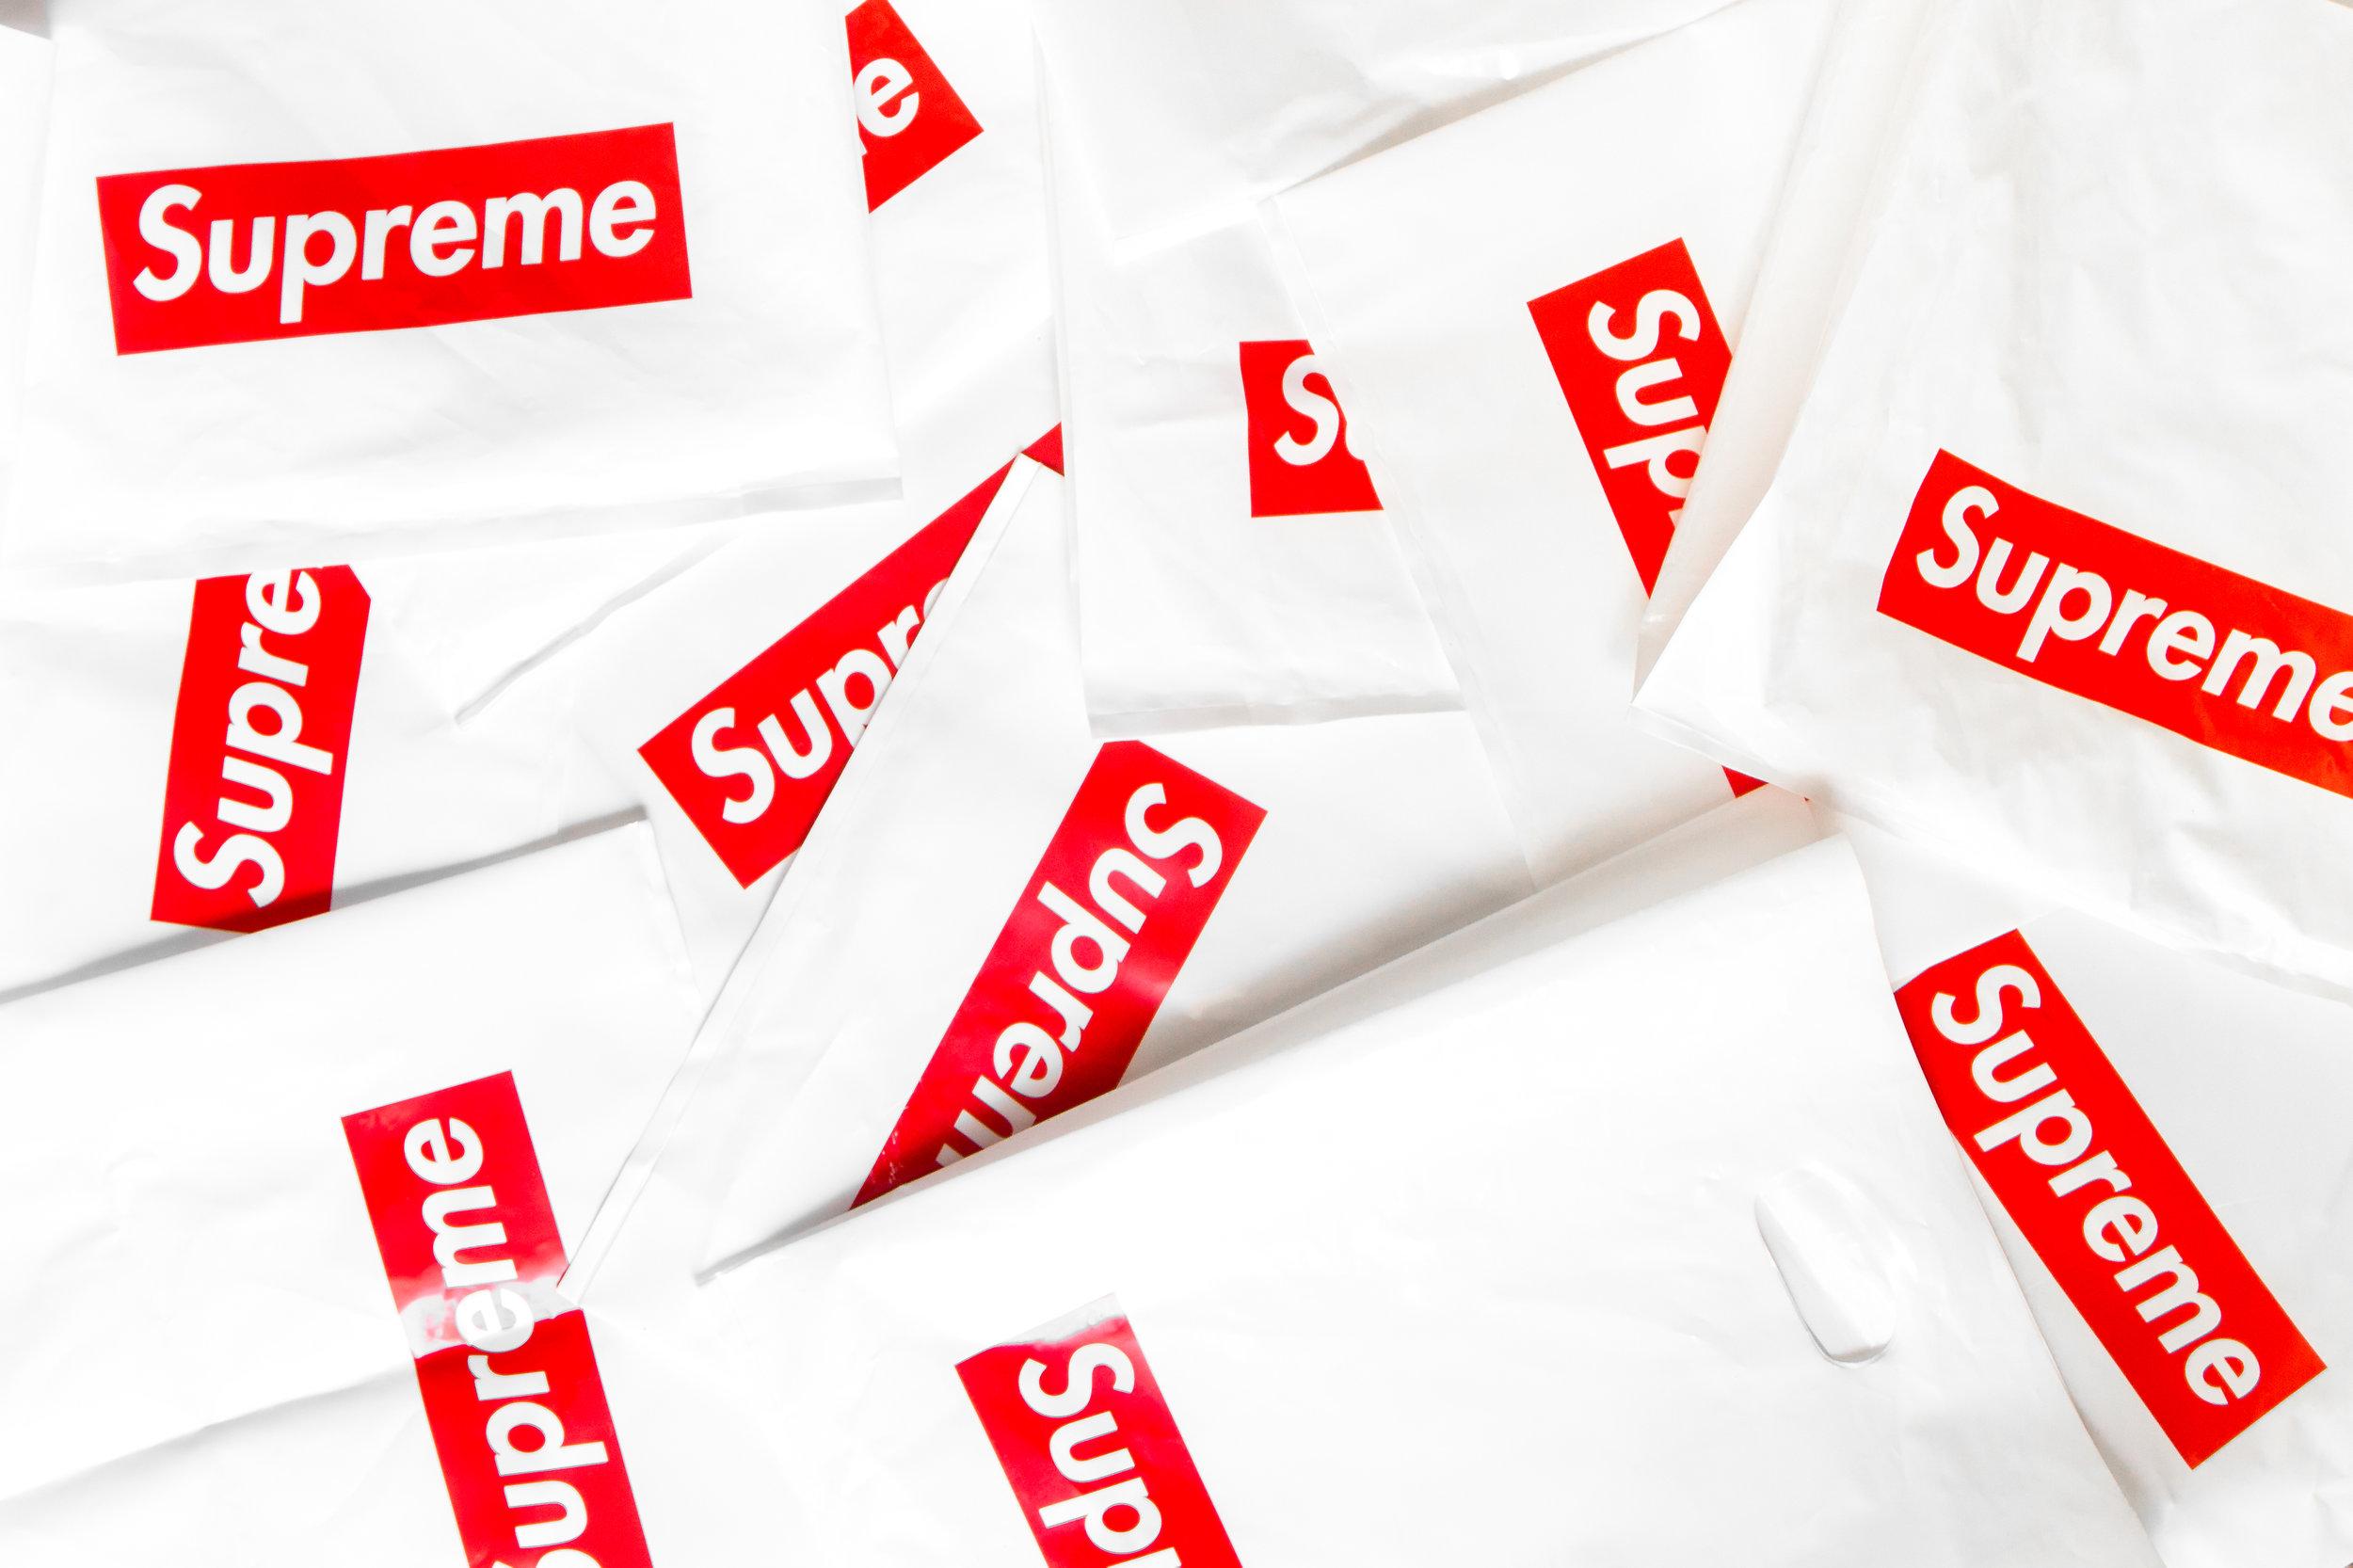 Supreme logos on bags